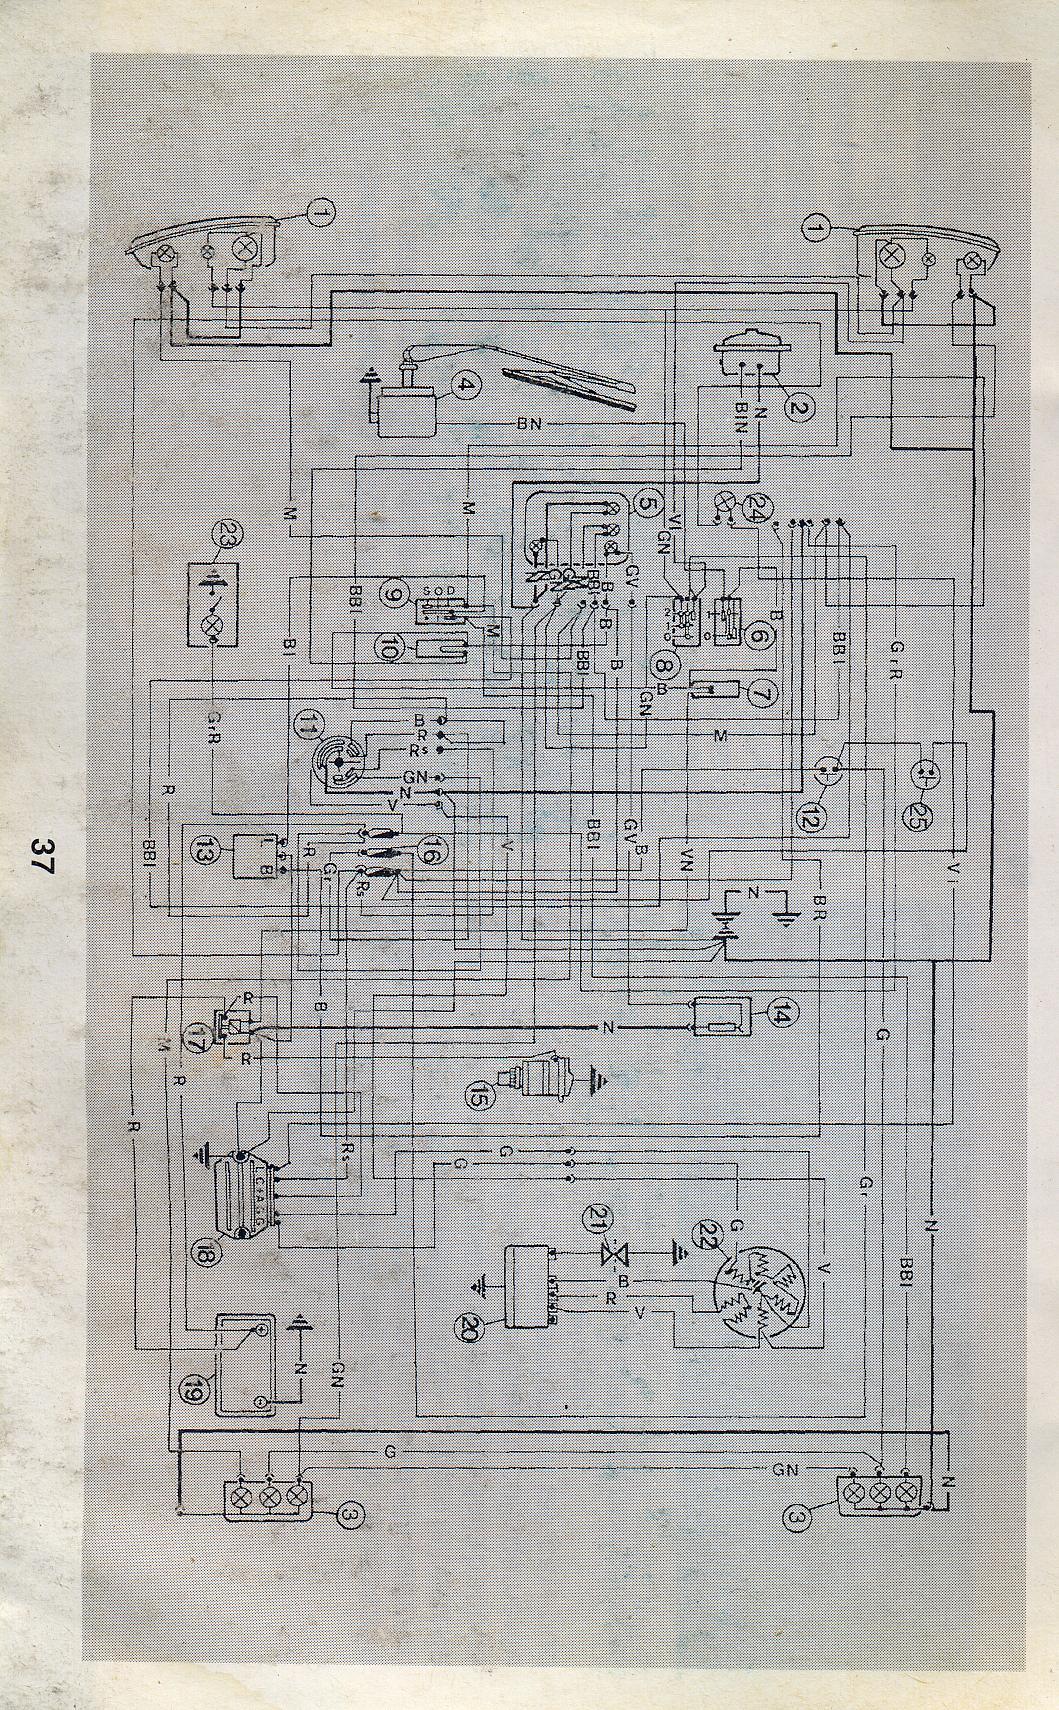 Schema Elettrico Ape 50 Monofaro : Schema elettrico ape piaggio idee di immagine del